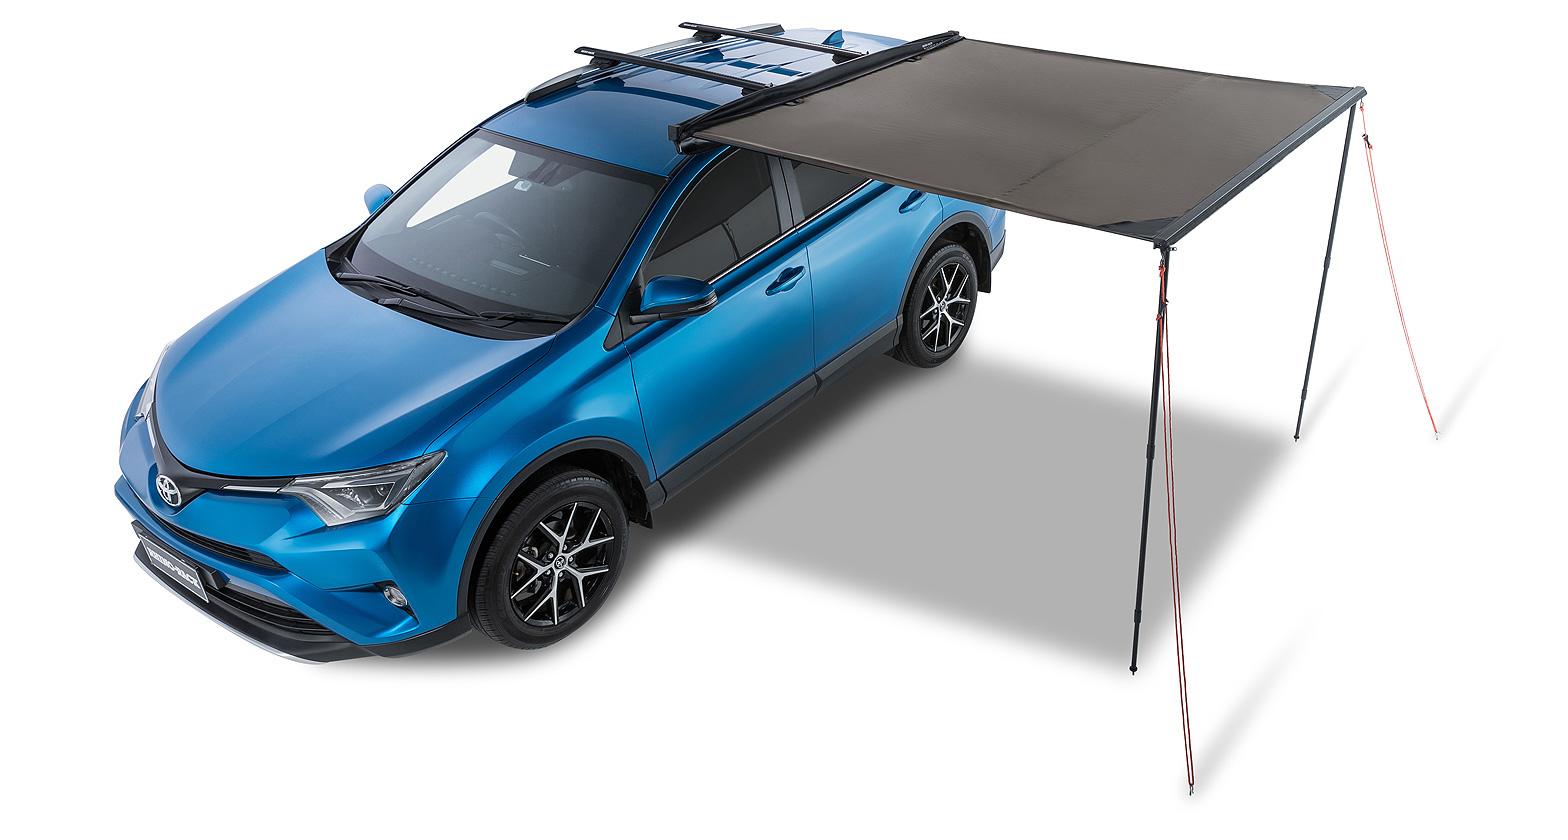 送料無料 RhinoRack Sunseeker 2.0m Awning ライノラック サンシーカー 2.0m オーニング 個人宅配送不可